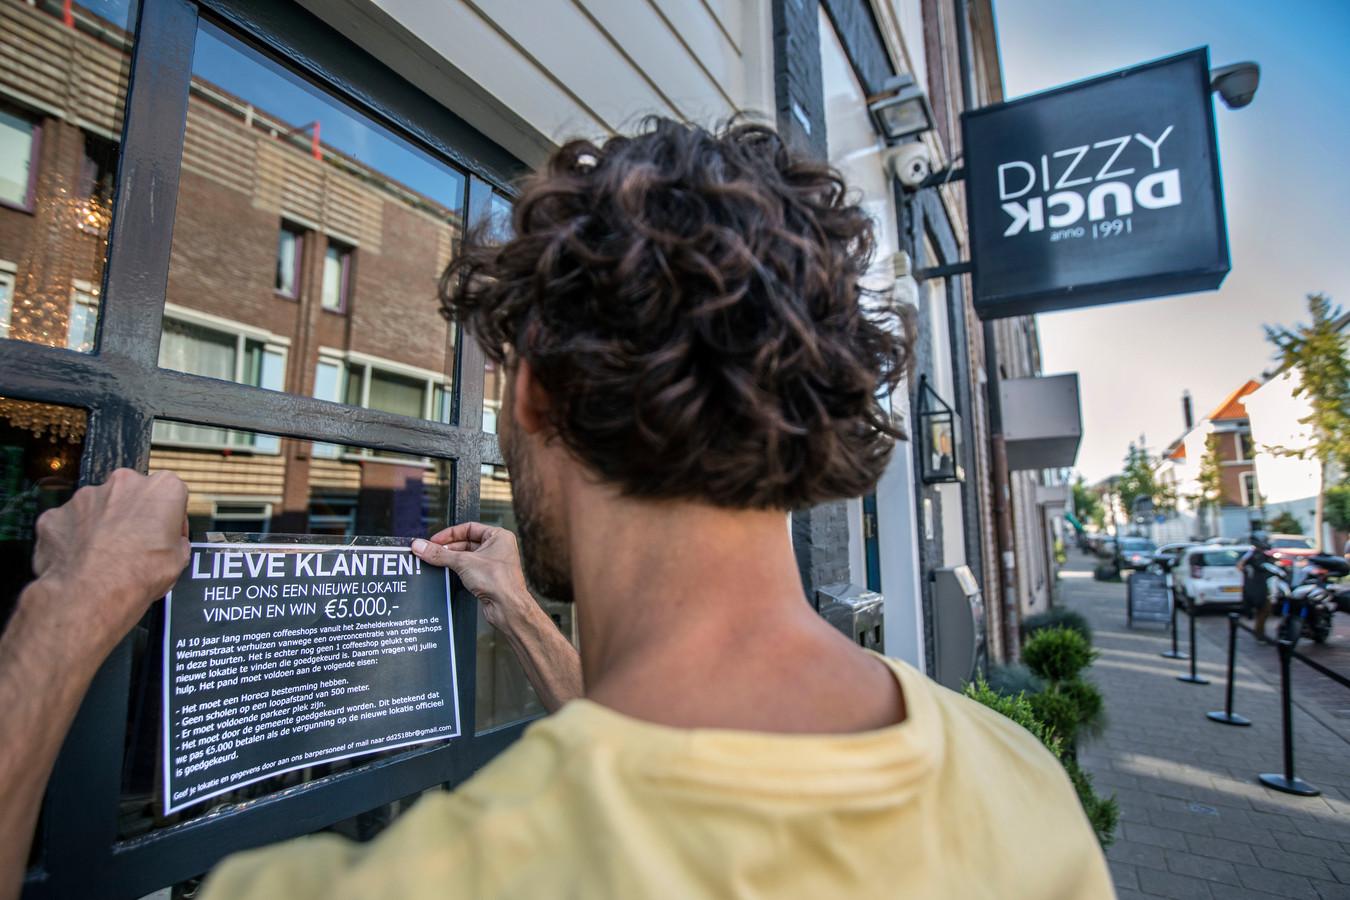 Coffeeshop Dizzy Duck looft een beloning uit van €5000,- voor diegene die een geschikte nieuwe locatie voor ze vindt.